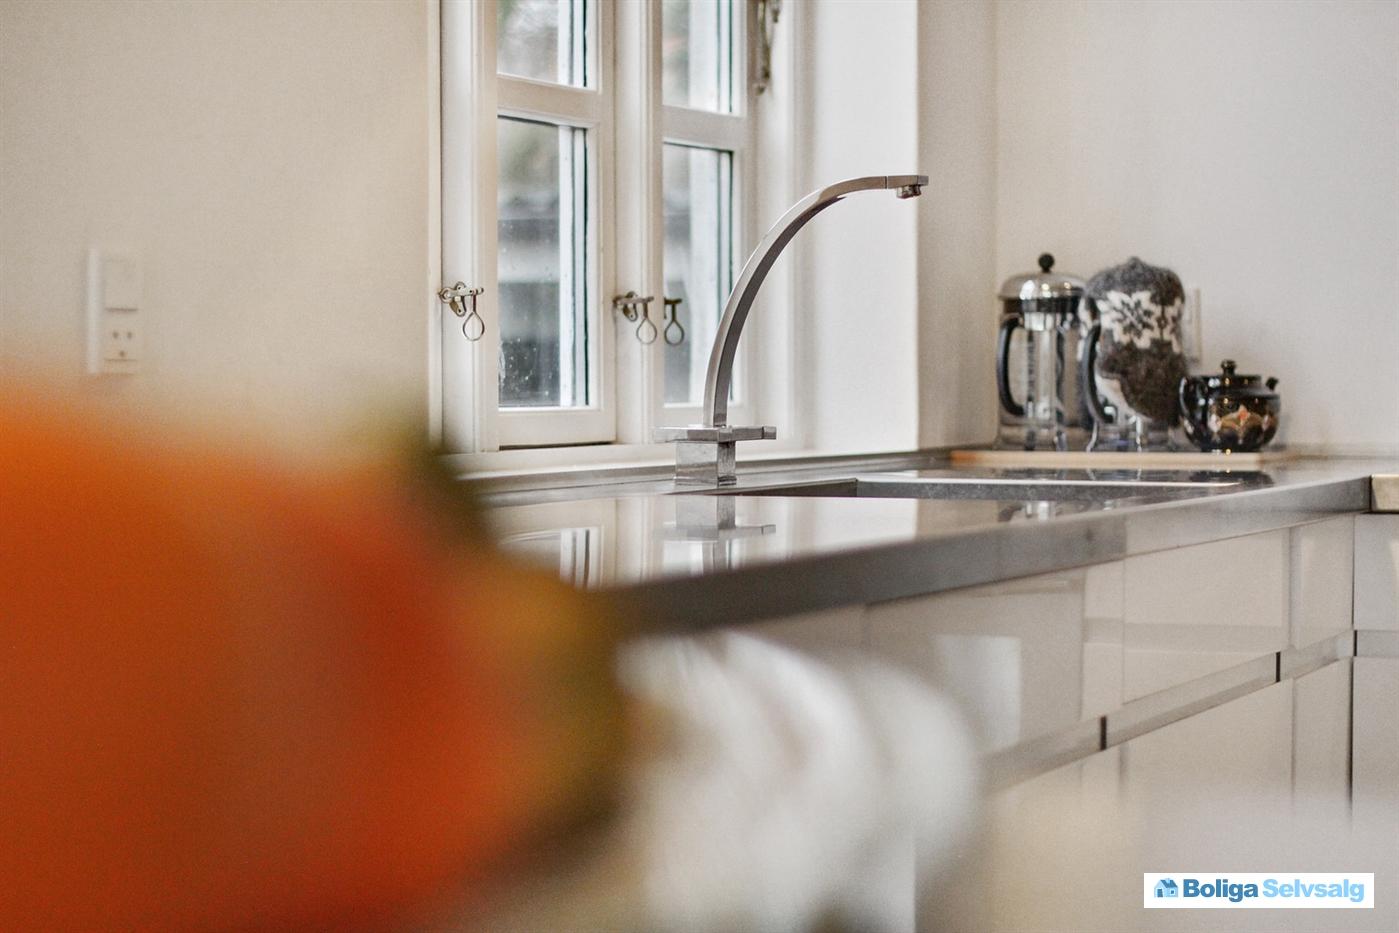 Søstien 2, Rønne, 3700 Rønne - Moderne indrettet villa med ...